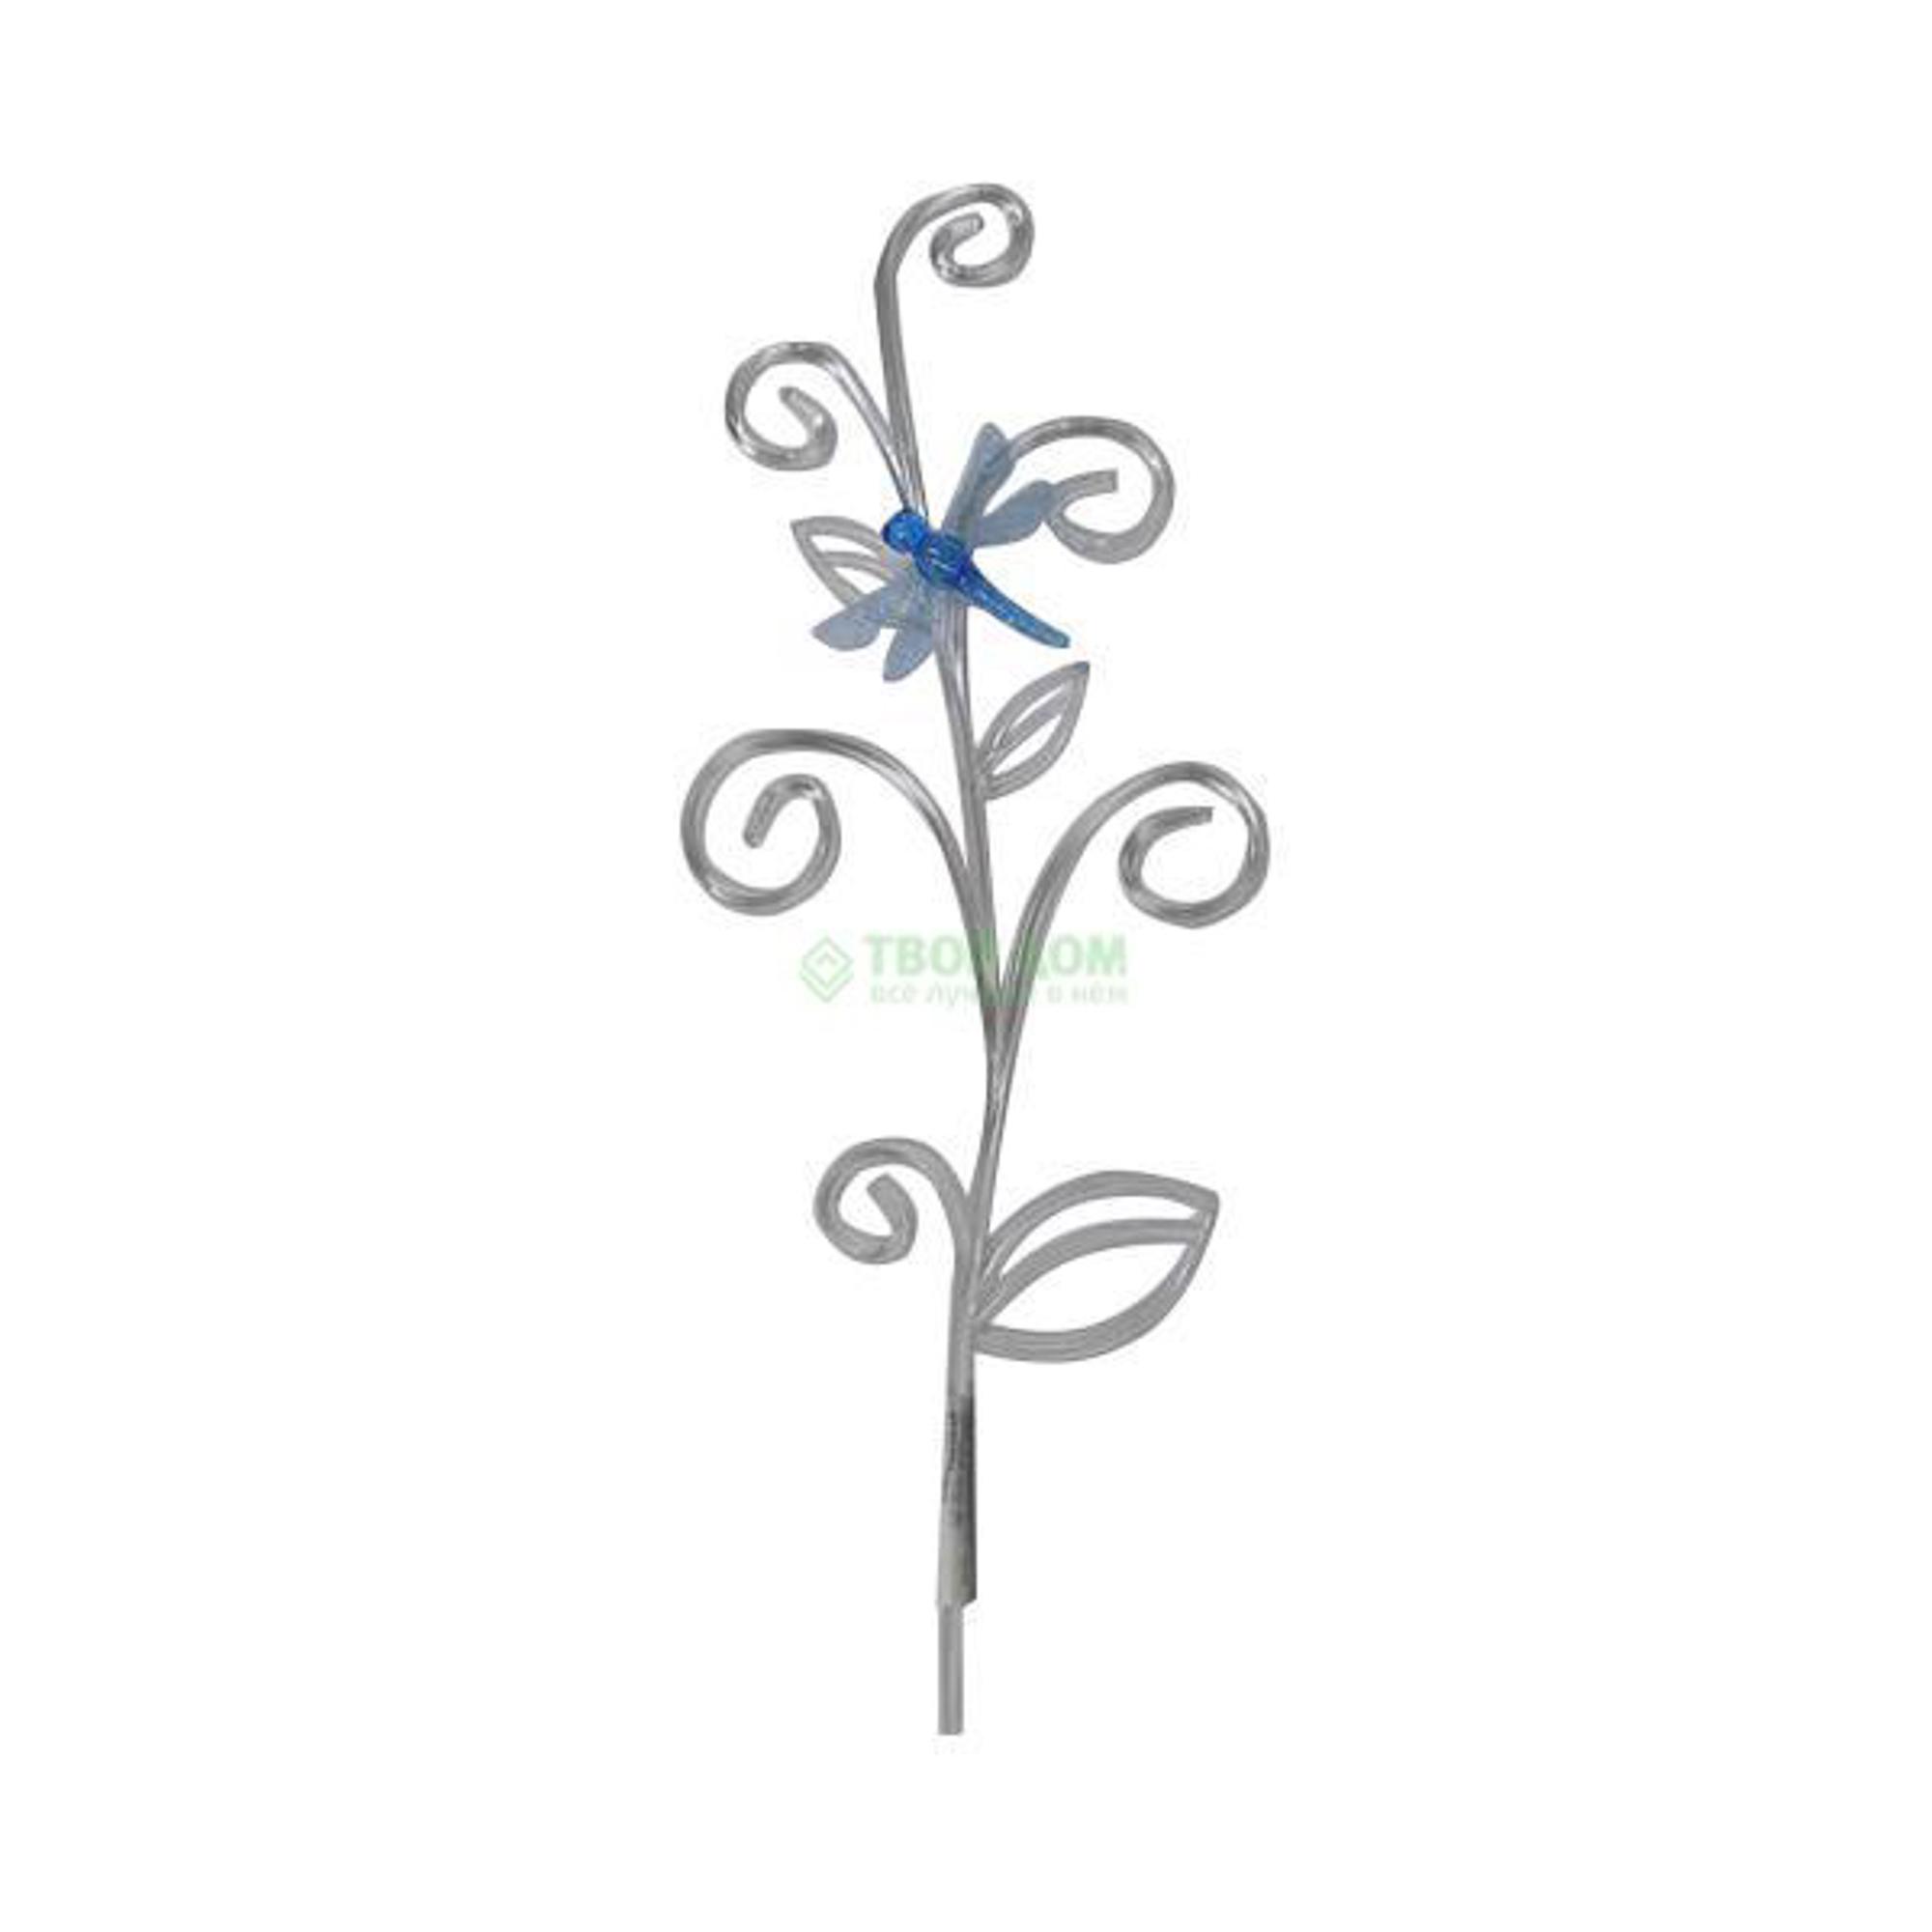 Держатель для растений Тек.А.Тек DR-11-3